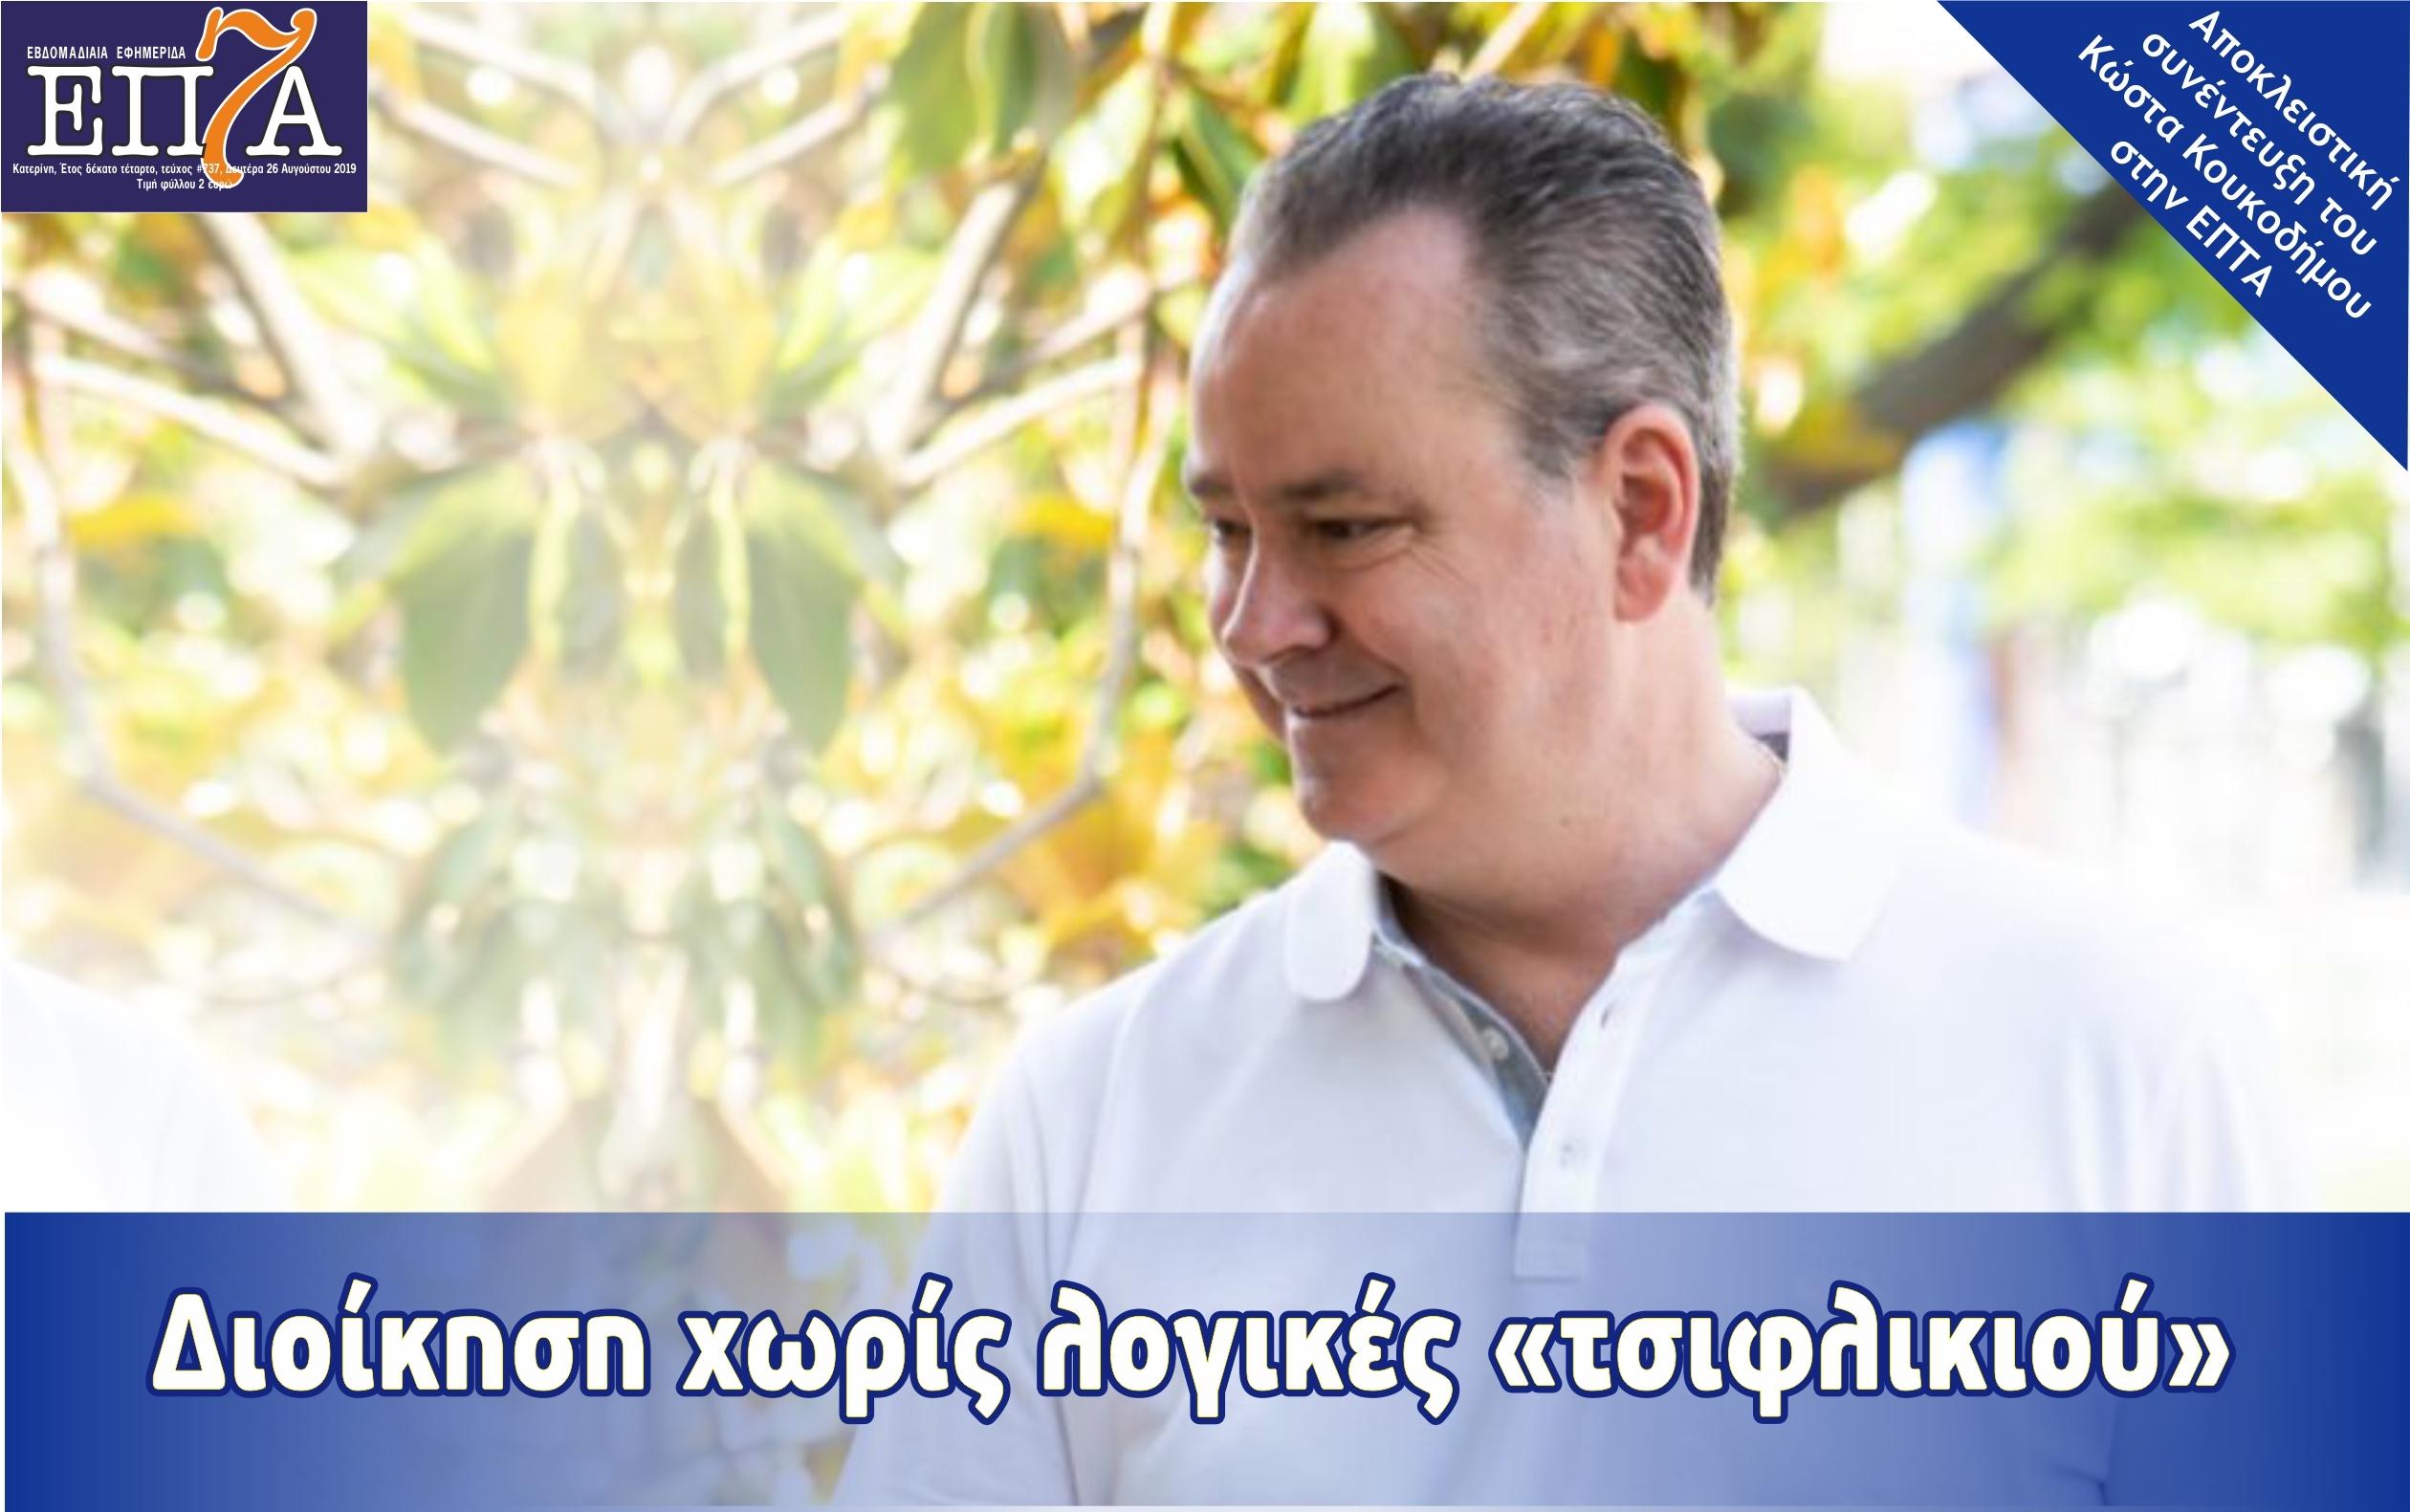 Αποκλειστική συνέντευξη του Κώστα Κουκοδήμου στην ΕΠΤΑ